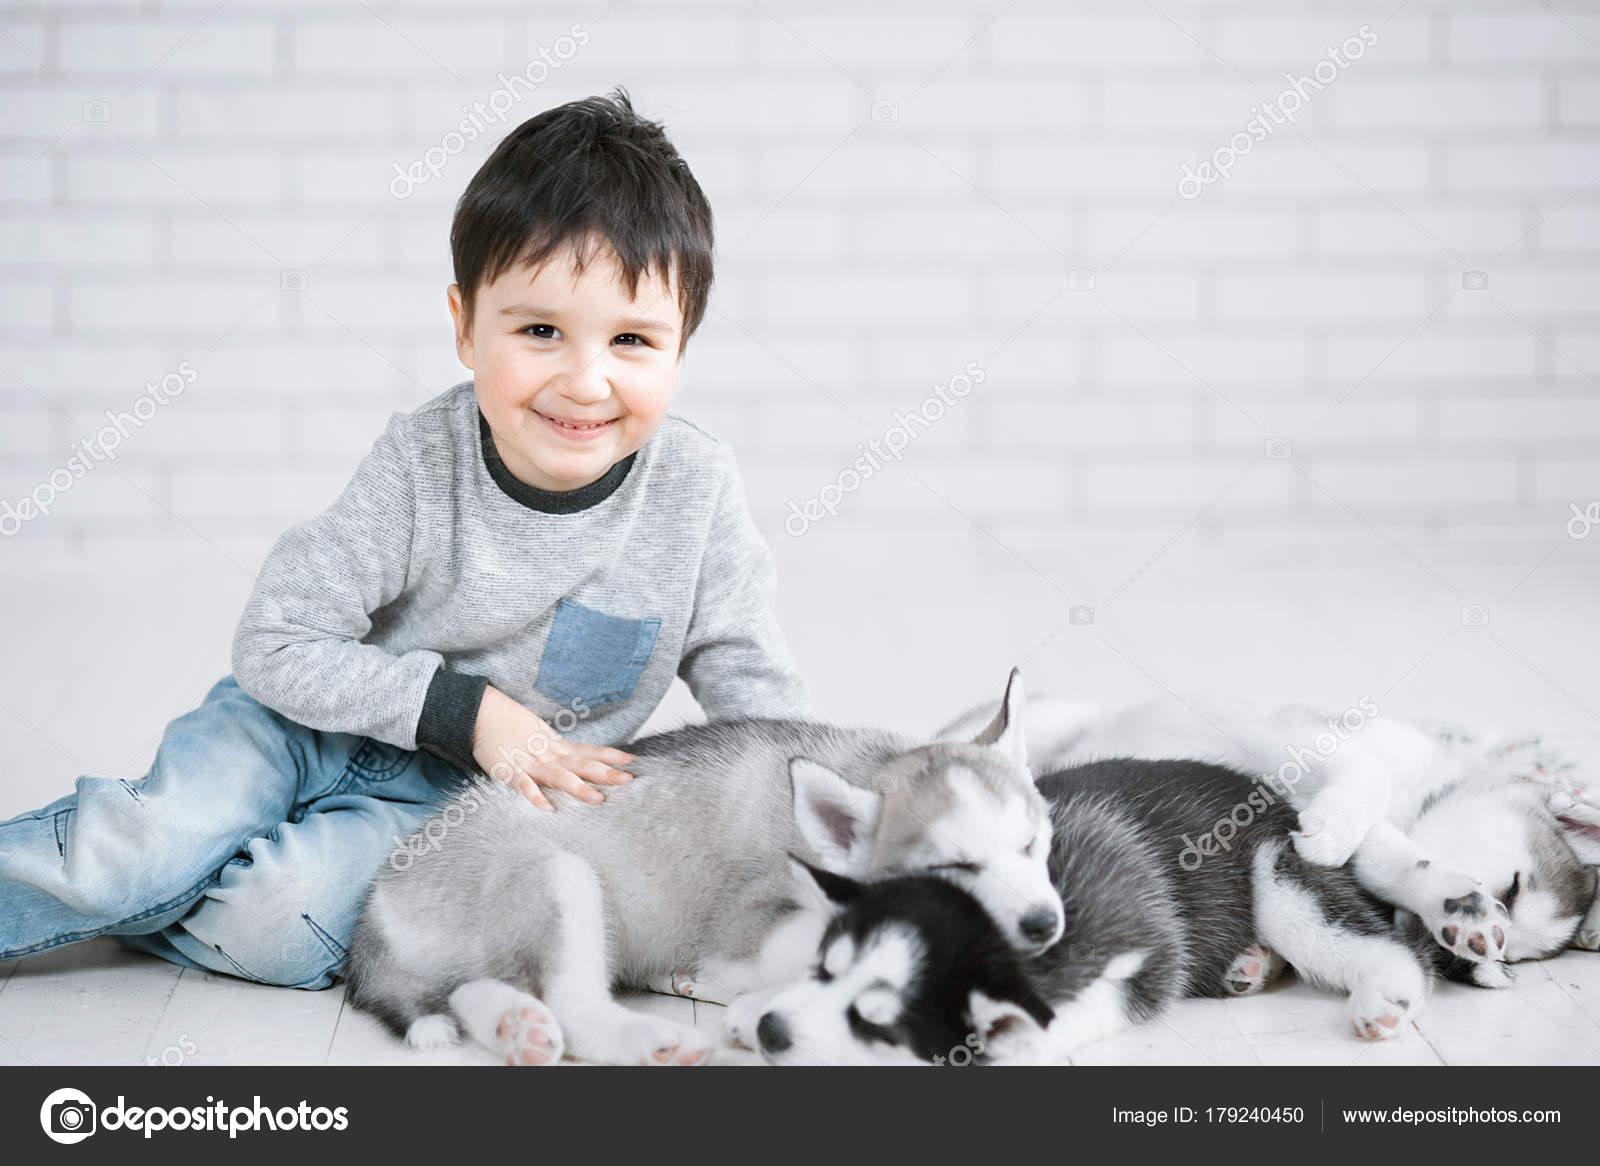 896a26c9d2ed Χαριτωμένο μικρό αγόρι και τρία νεαρά κουτάβια χάσκι στον ύπνο σε λευκό  φόντο. Σύμβολο του νέου έτους 2018 — Εικόνα από ...